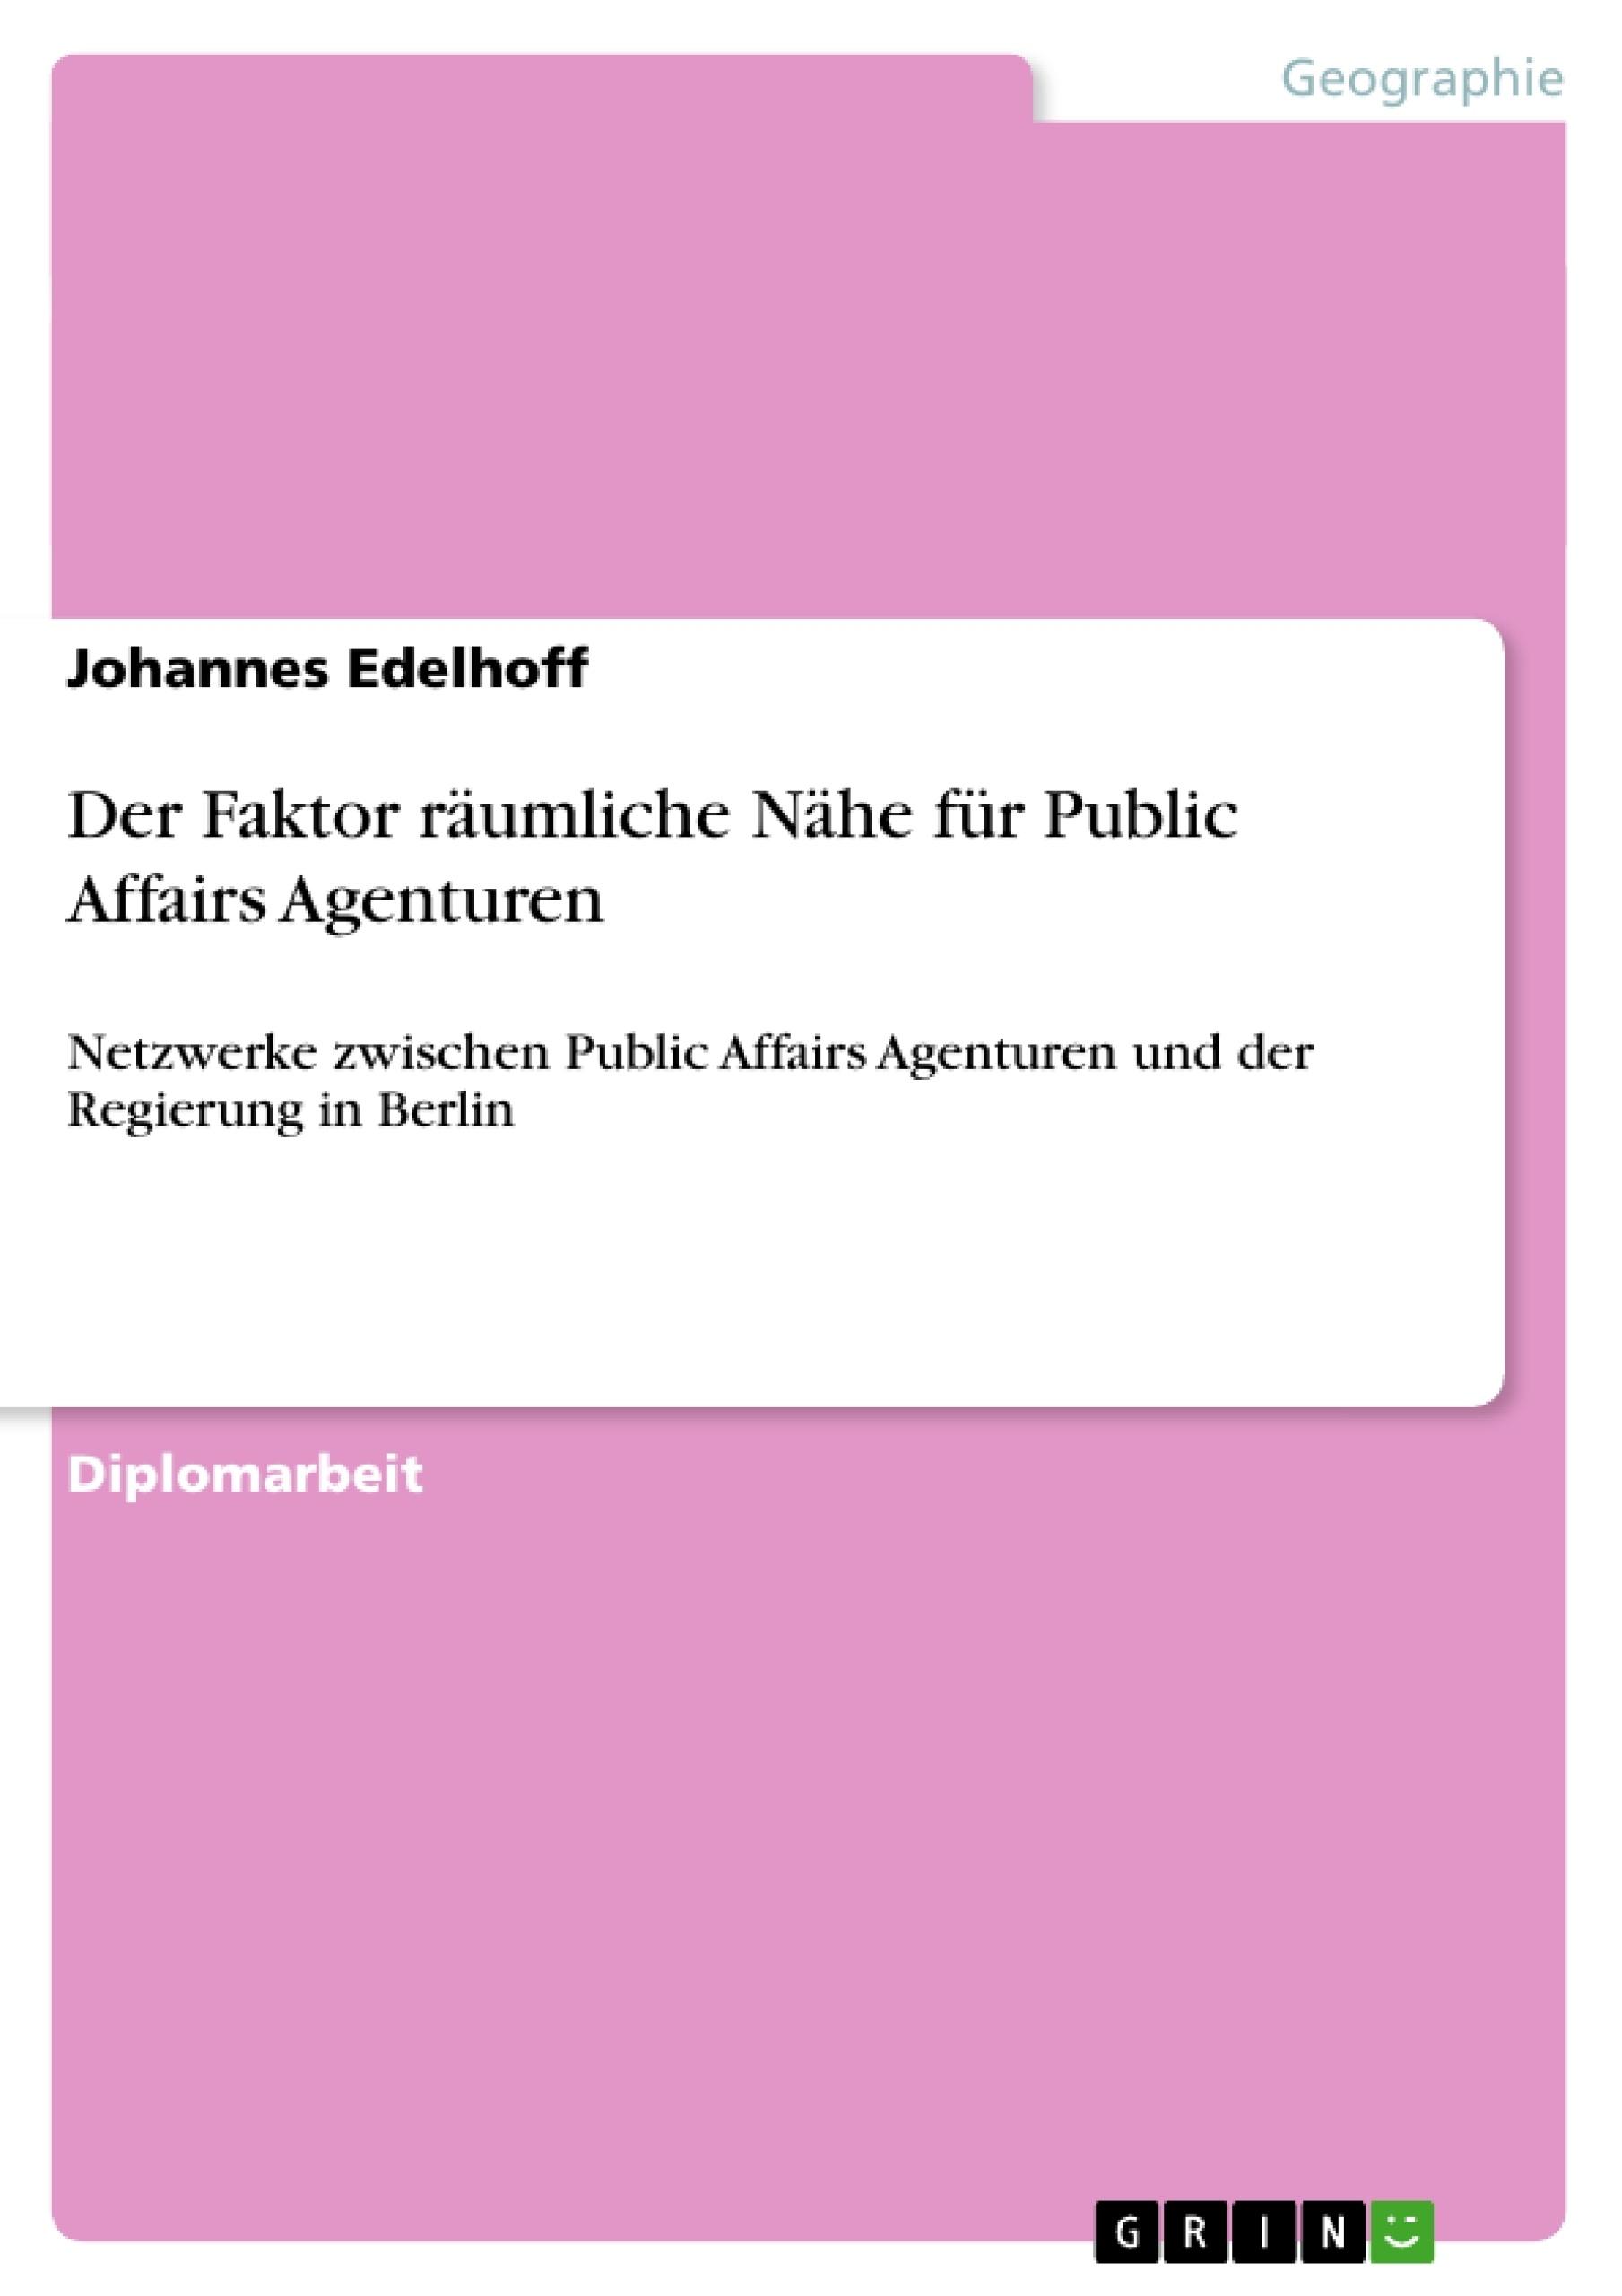 Titel: Der Faktor räumliche Nähe für Public Affairs Agenturen